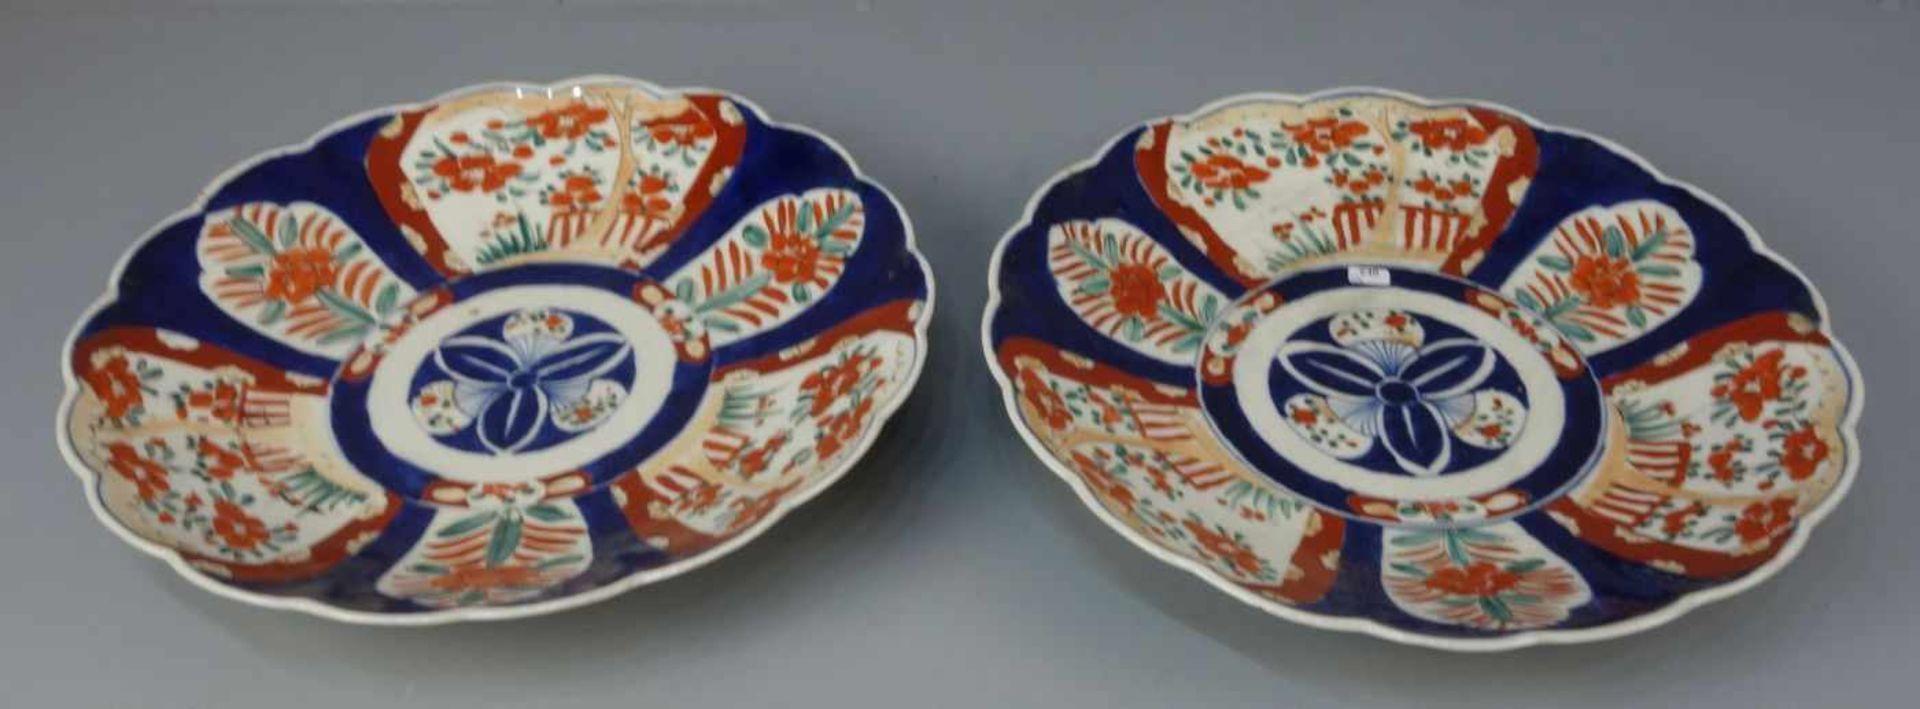 Los 640 - PAAR CHINESISCHE SCHALEN / pair of chinese bowls, Porzellan (ungemarkt). Flach gemuldete Schale